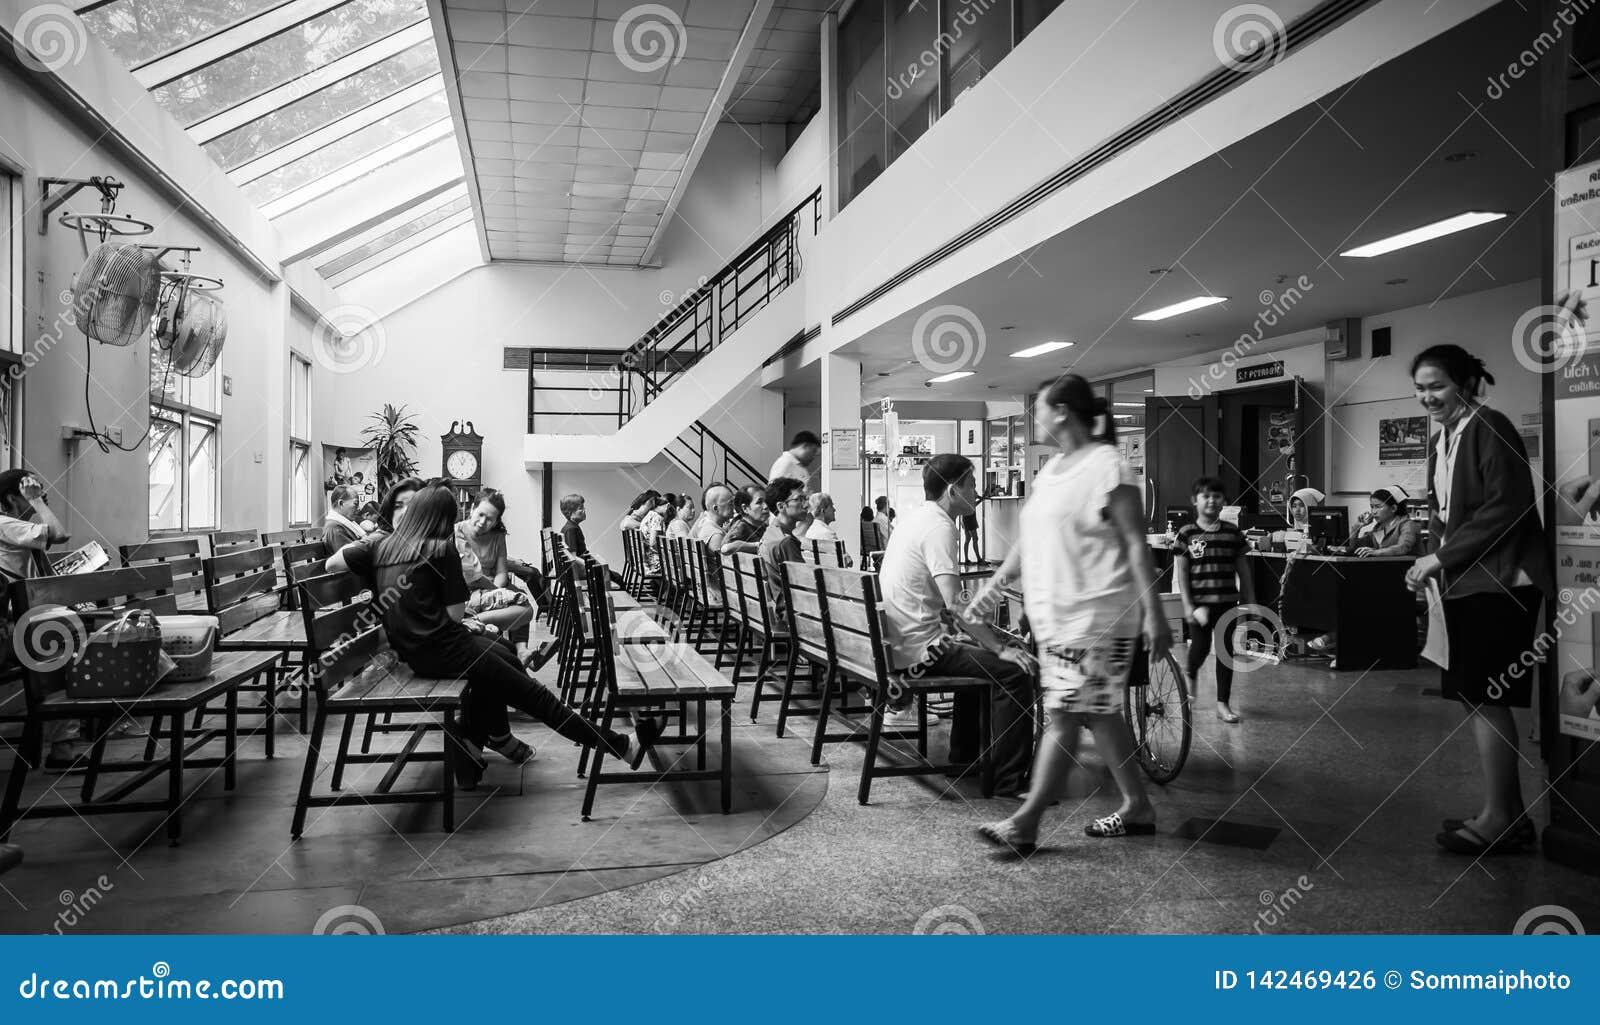 Los pacientes eran sala de espera de los asientos de recibir el tratamiento de un doctor, fondos en hospital en el hospital de Kl